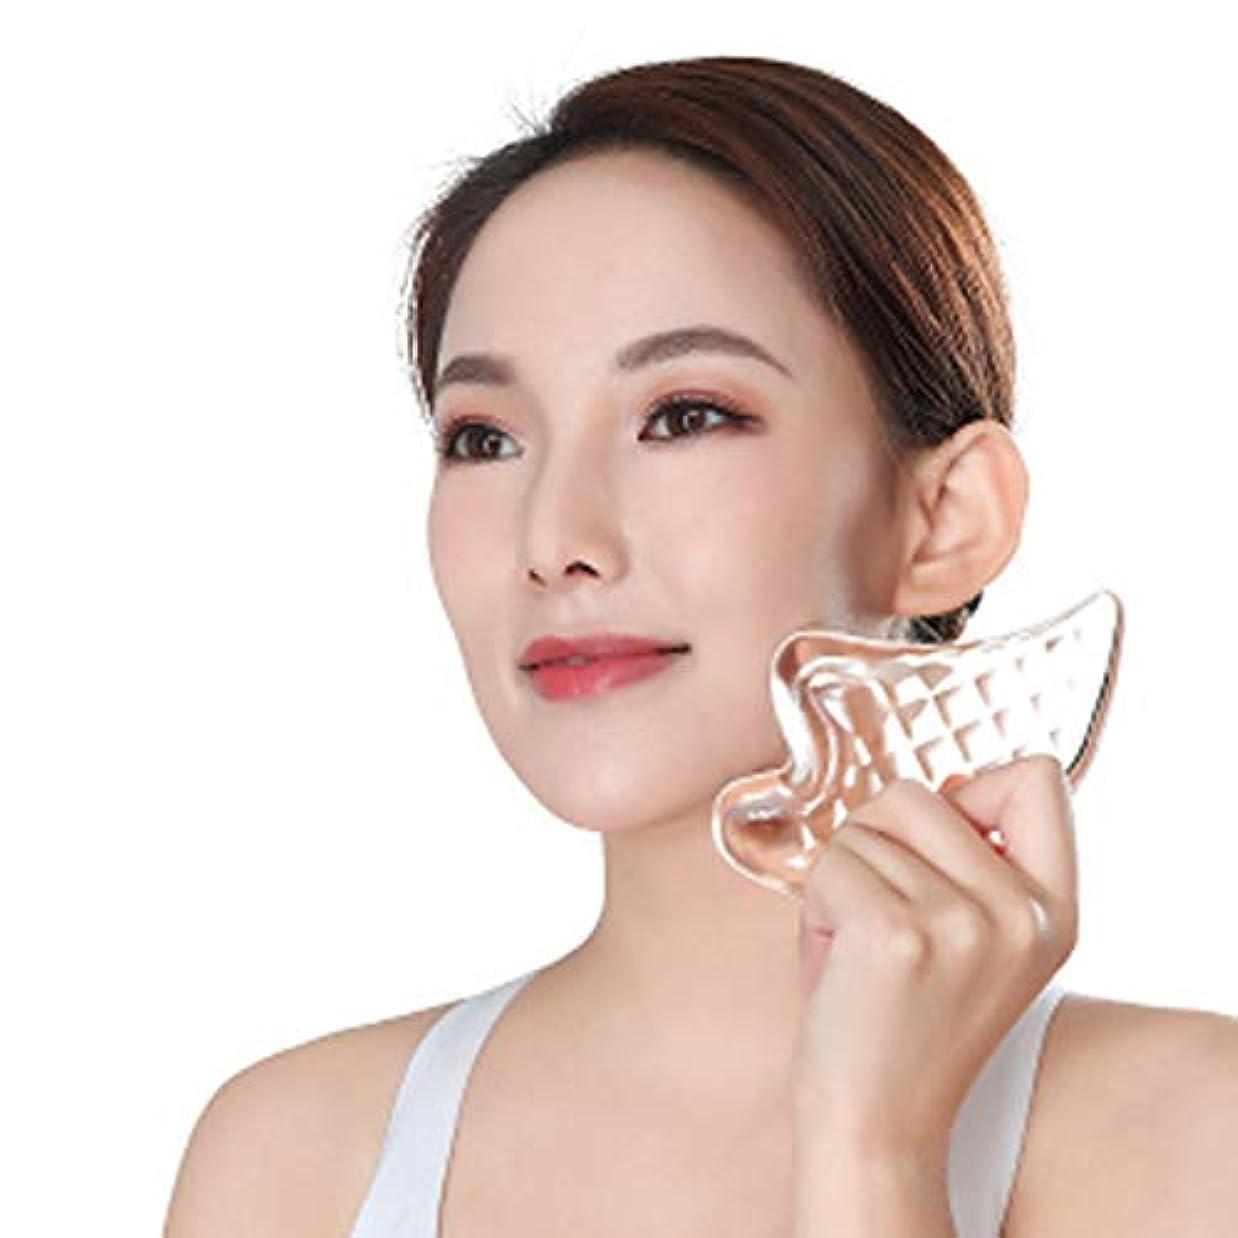 任意反対する絶え間ないCangad かっさプレート 美顔器 高品質 3Dクリスタル 小顔 美顔グッズ 羽根型 ボディ マッサージ かっさマッサージ 刮痧 ウィング型 健康グッズ